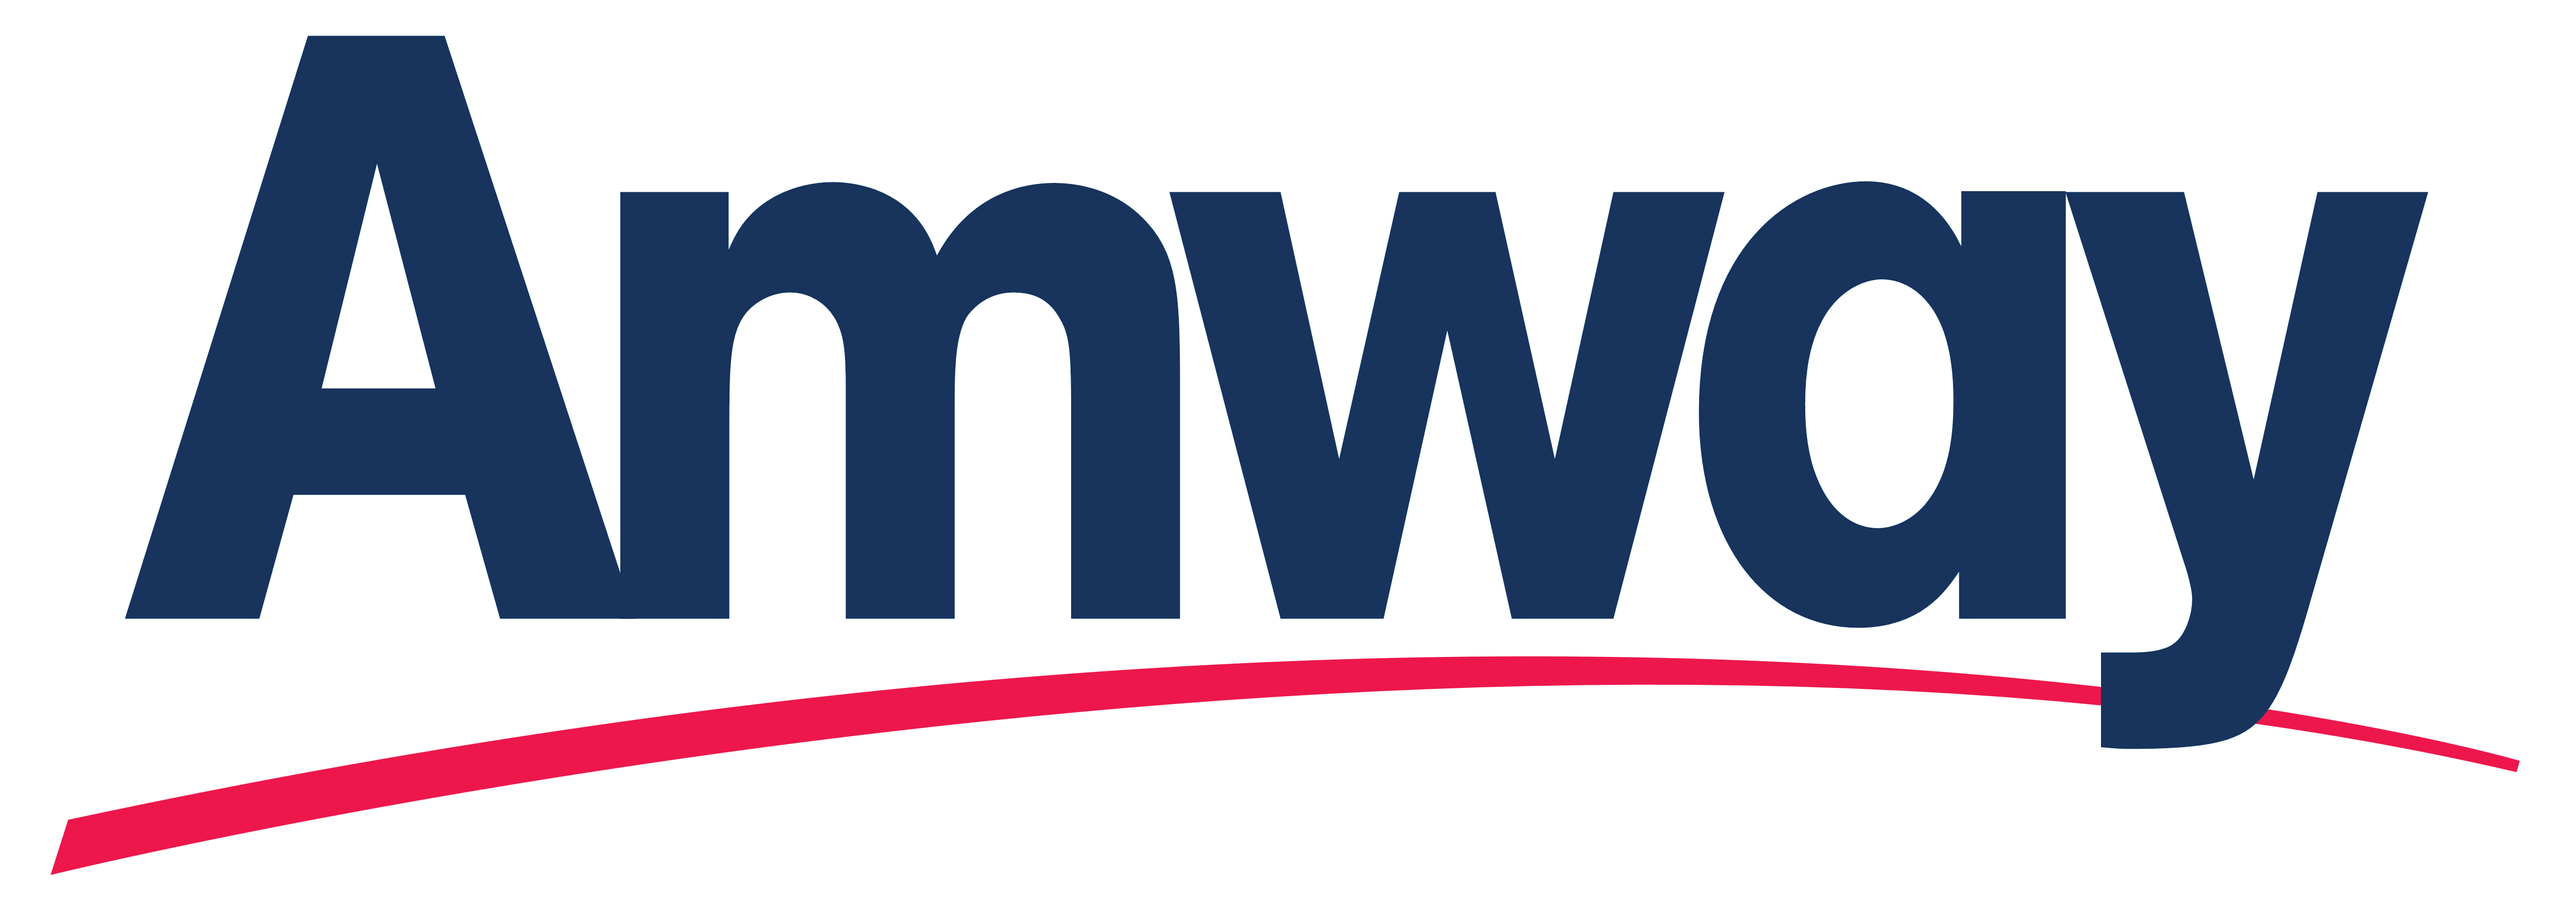 Amway_logo_1